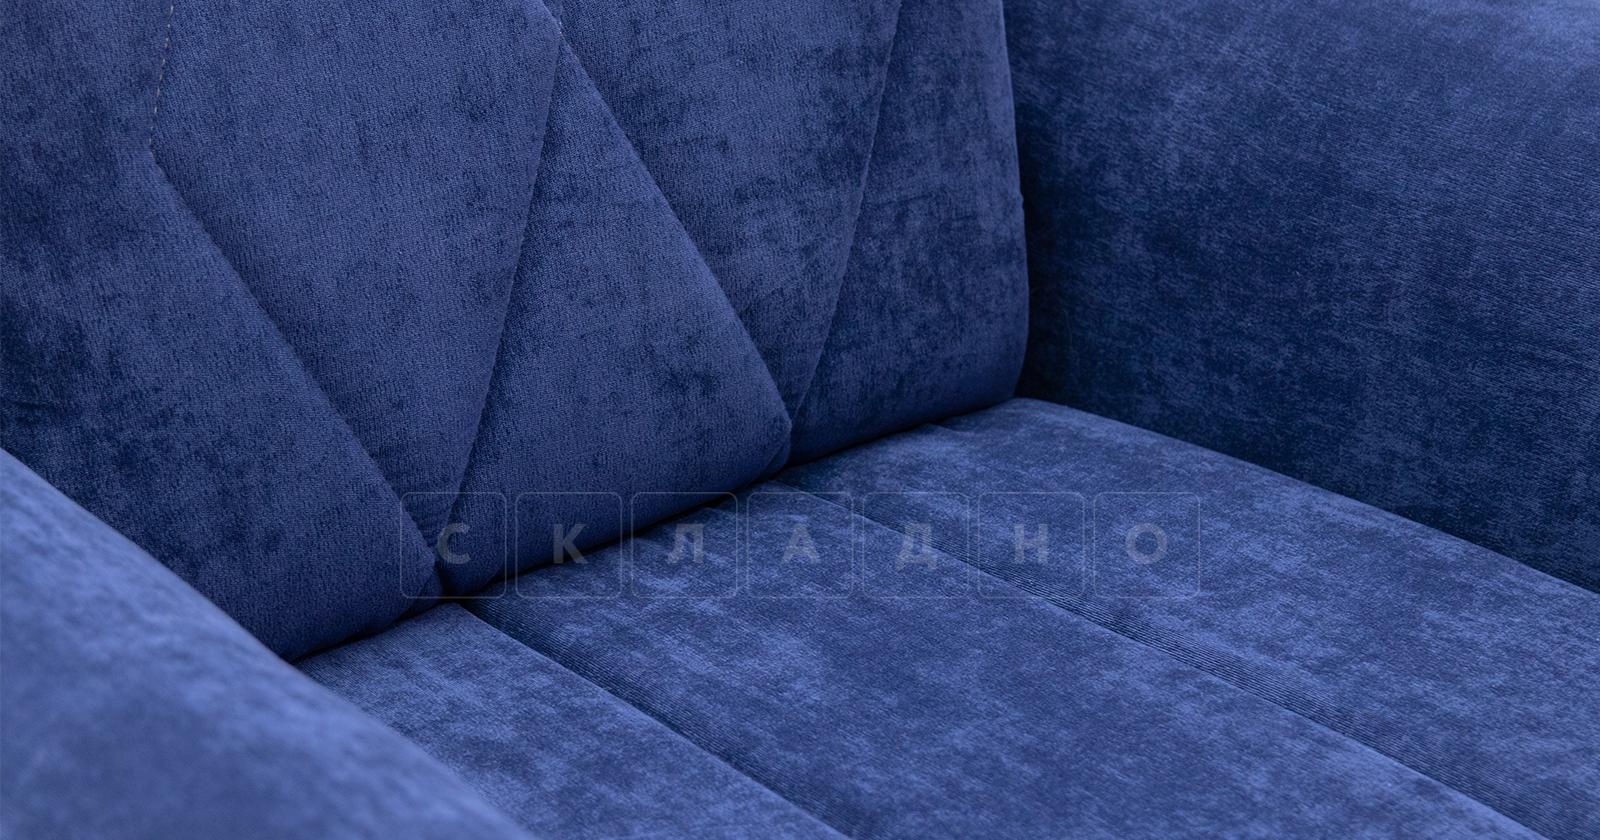 Кресло для отдыха Роза чернильный синий фото 7 | интернет-магазин Складно